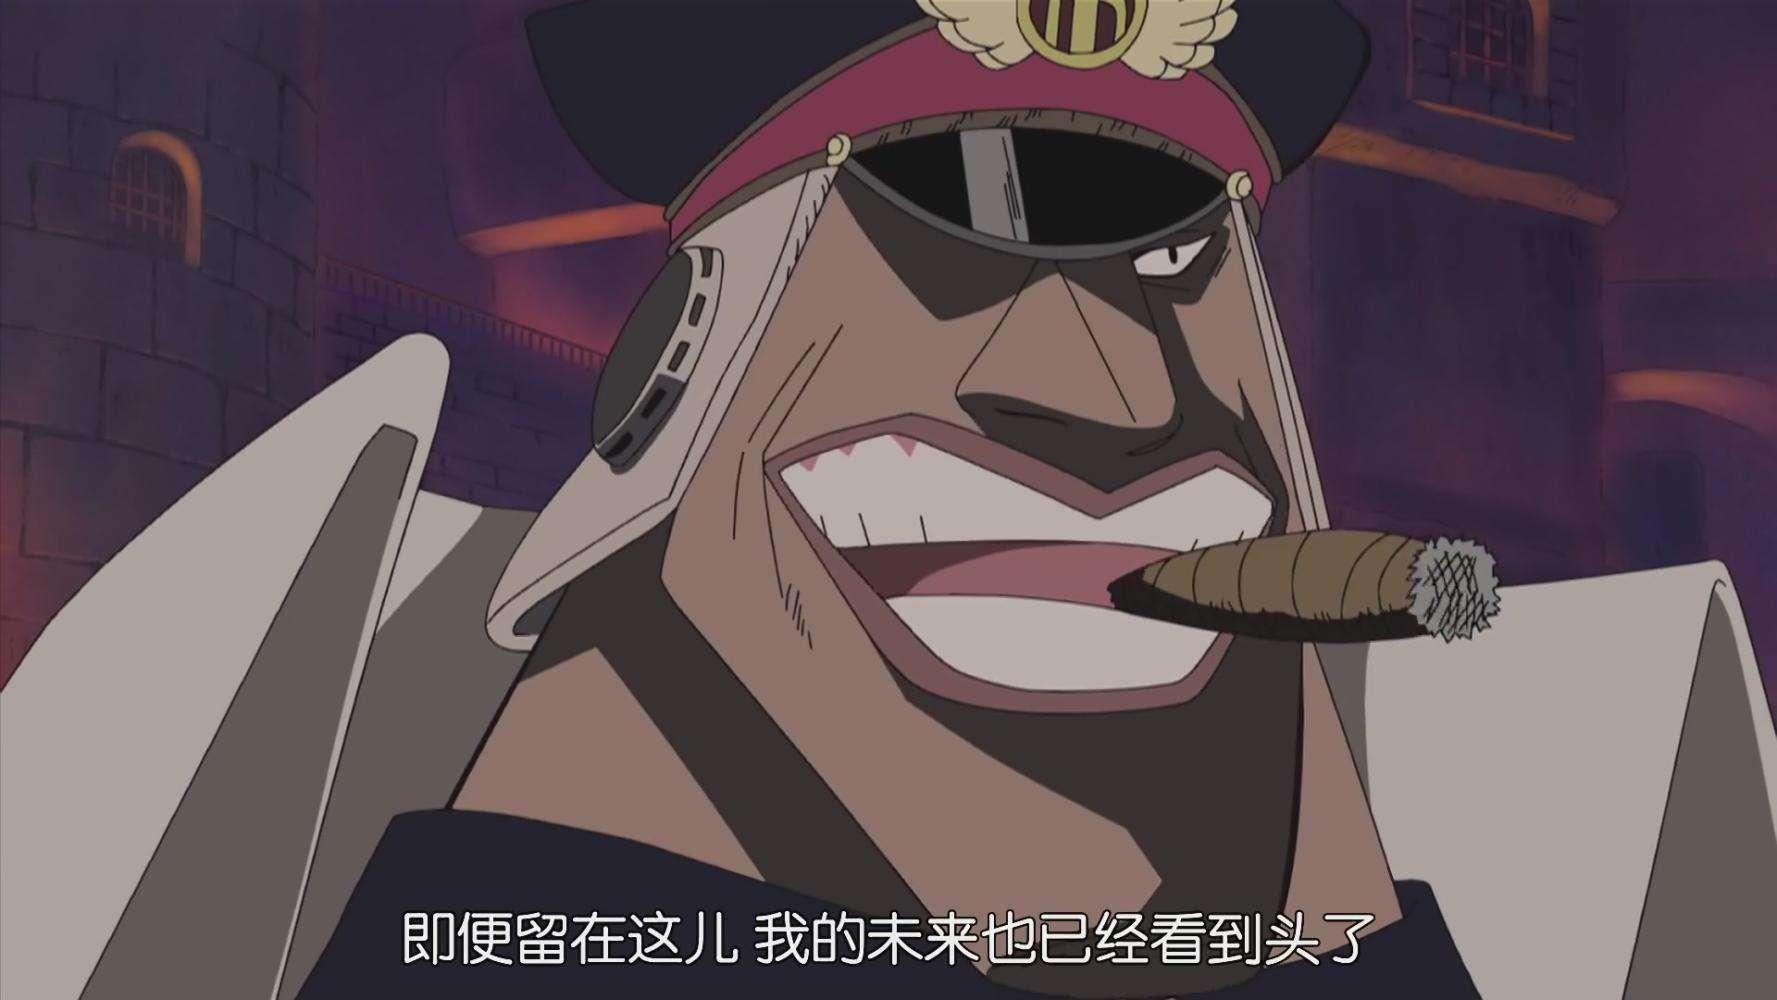 海賊王中6個煙不離嘴的人,斯摩格跟能力有關,山治不抽雪茄